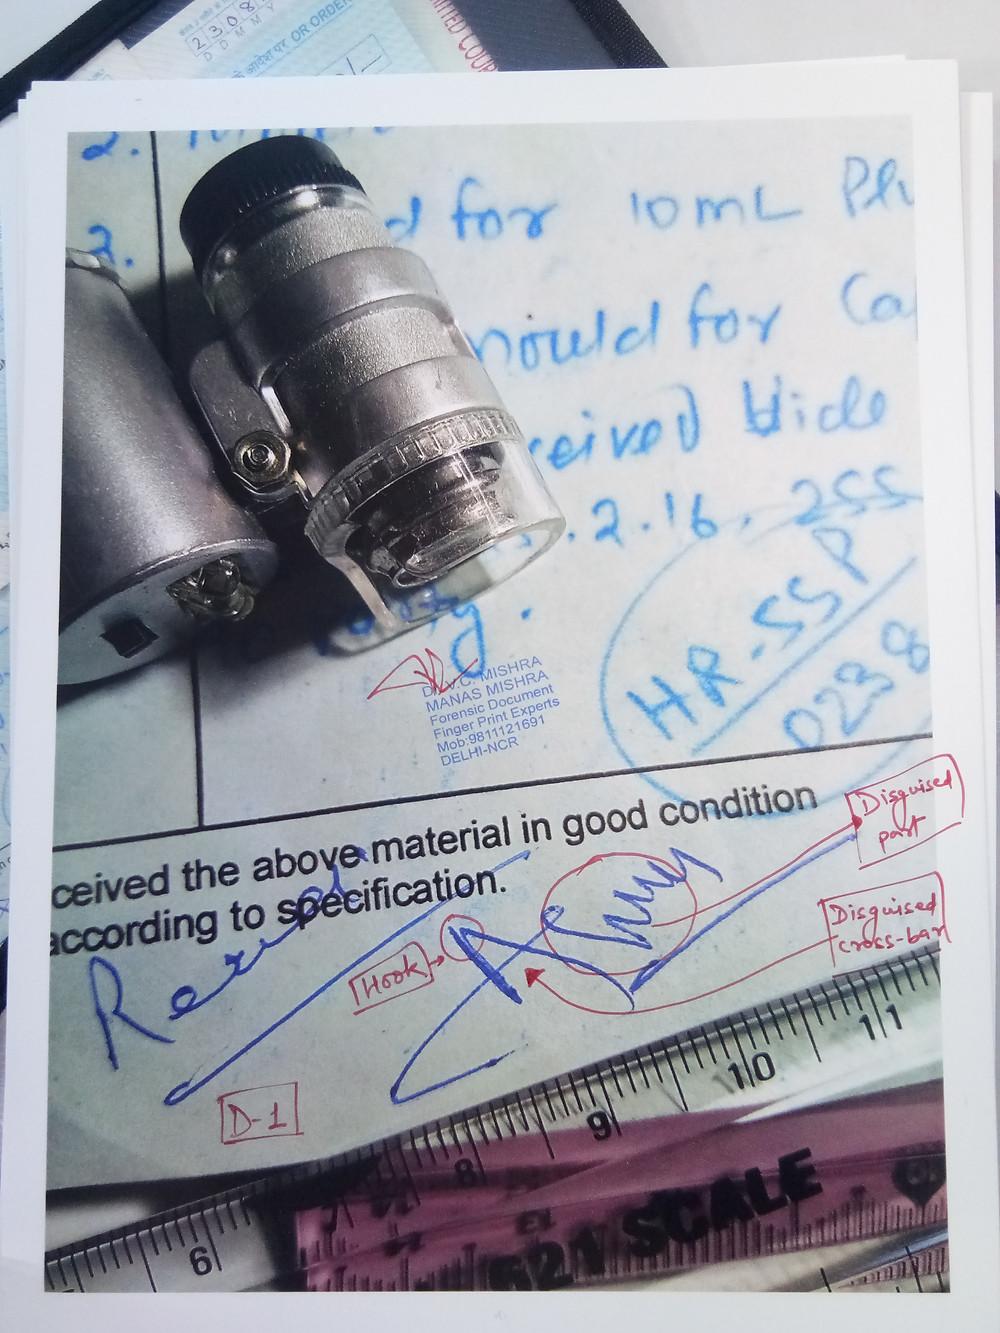 Forge Handwriting Analysis